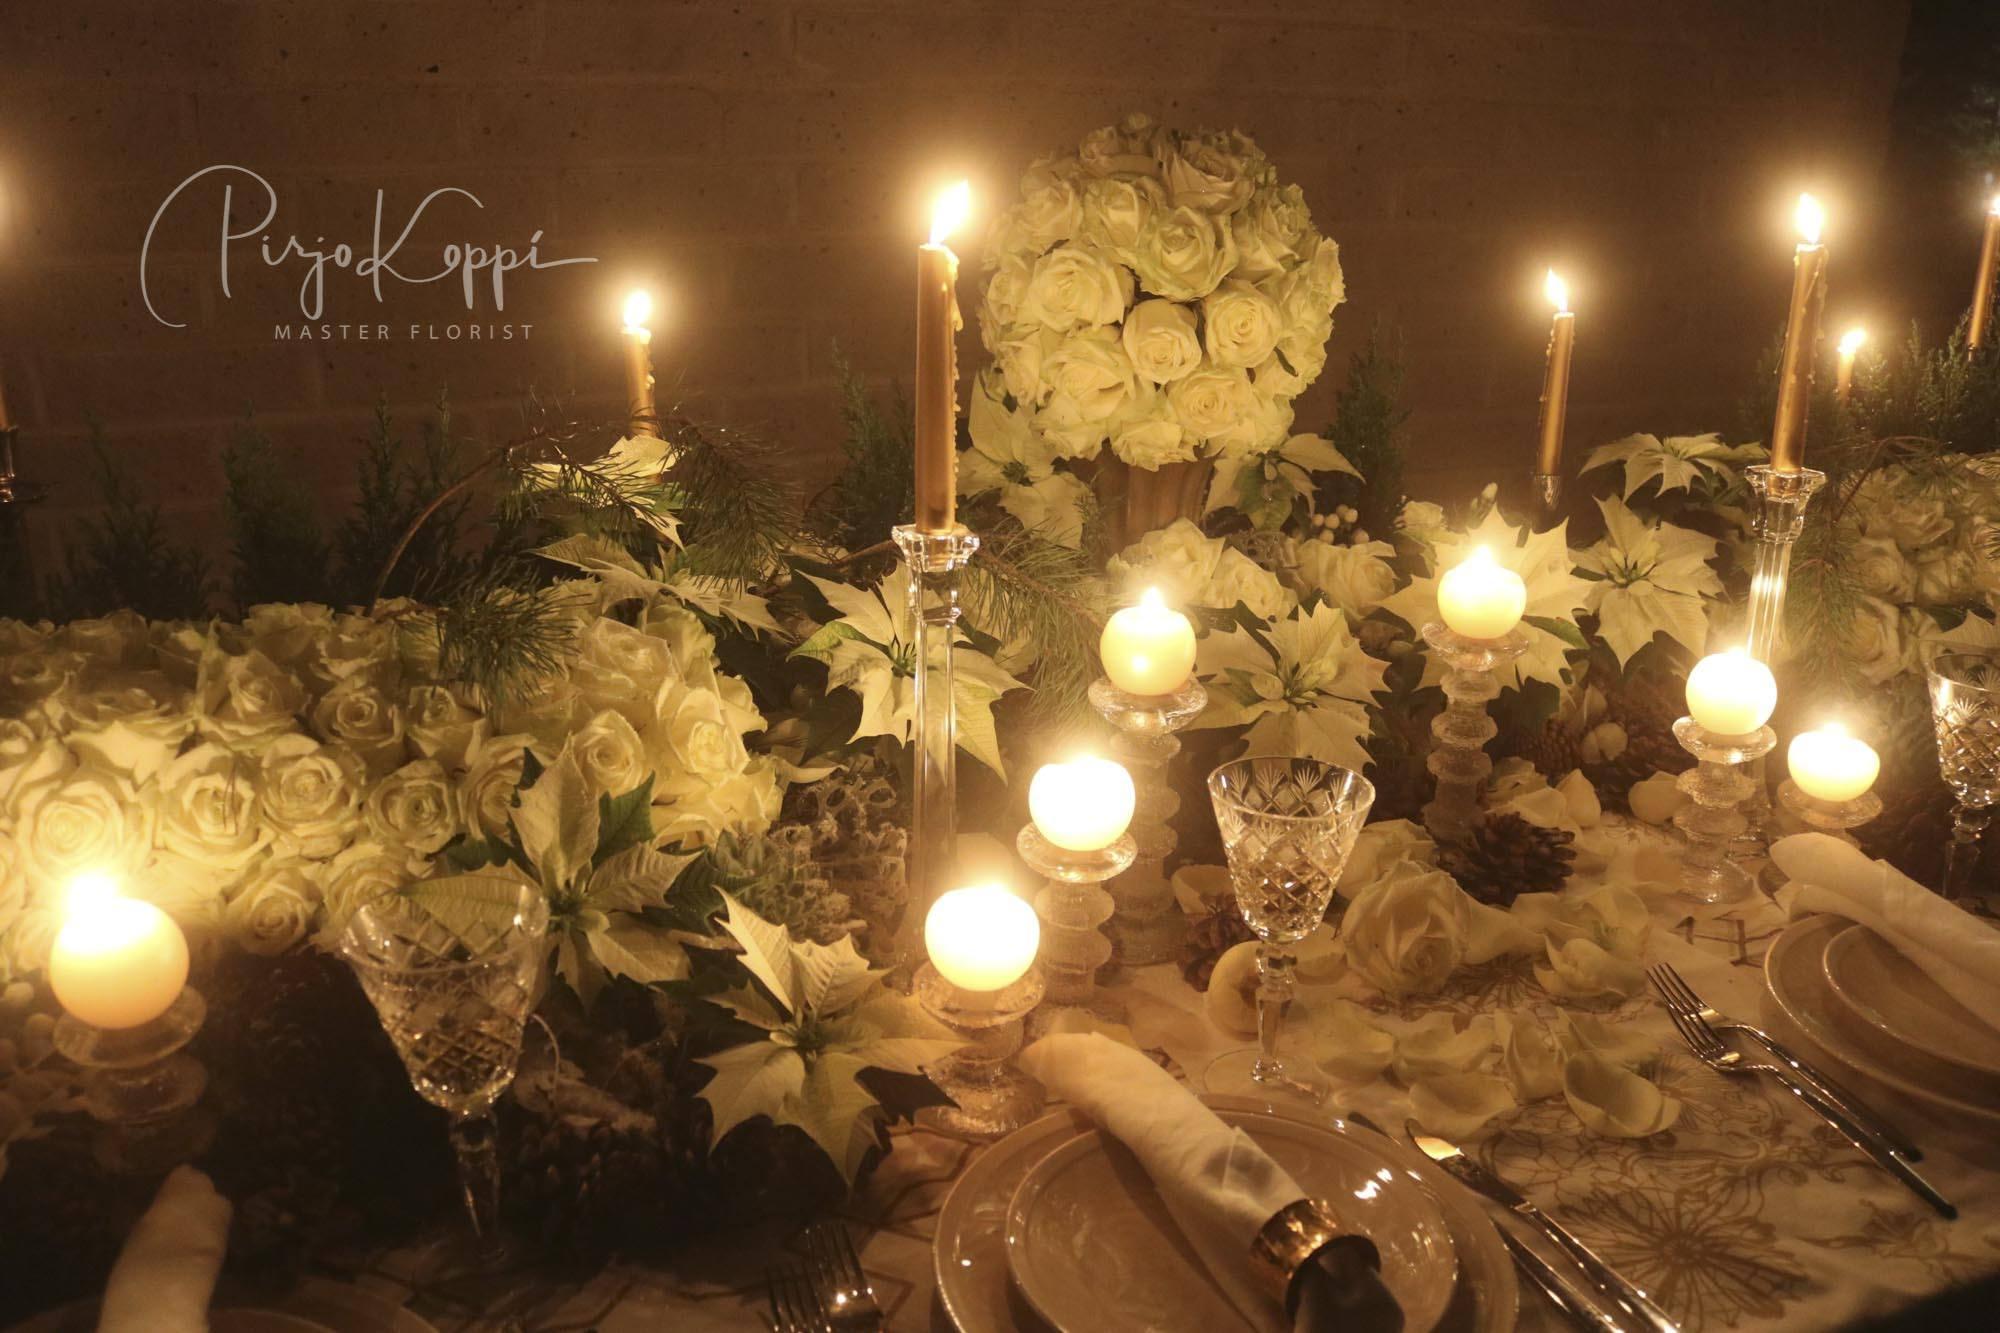 Pirjo's Elegant Festive Dinner Table with Porta Nova White Naomi 3